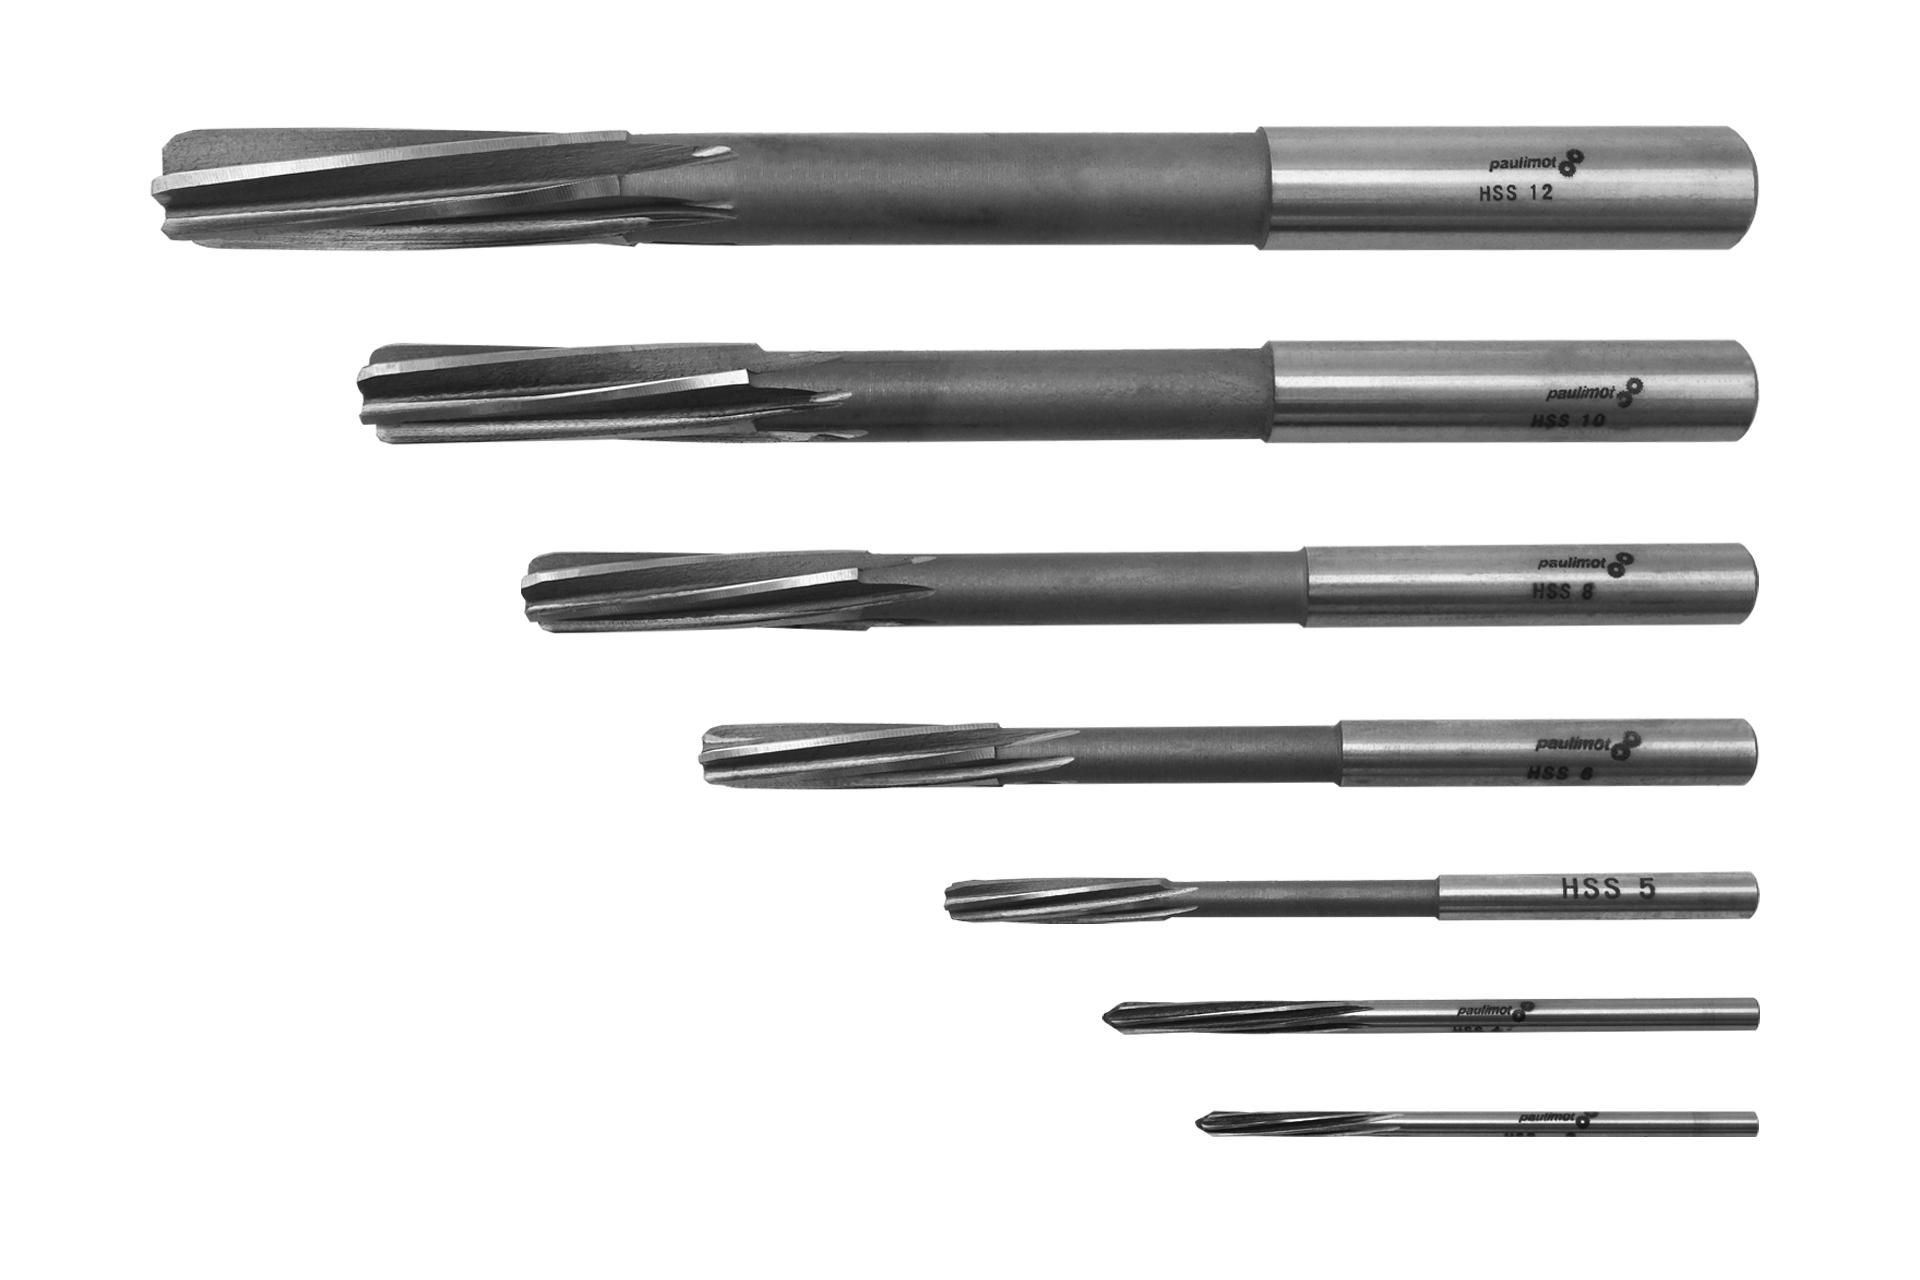 PAULIMOT Hand-Reibahle HSS Passung H7 9,0 mm